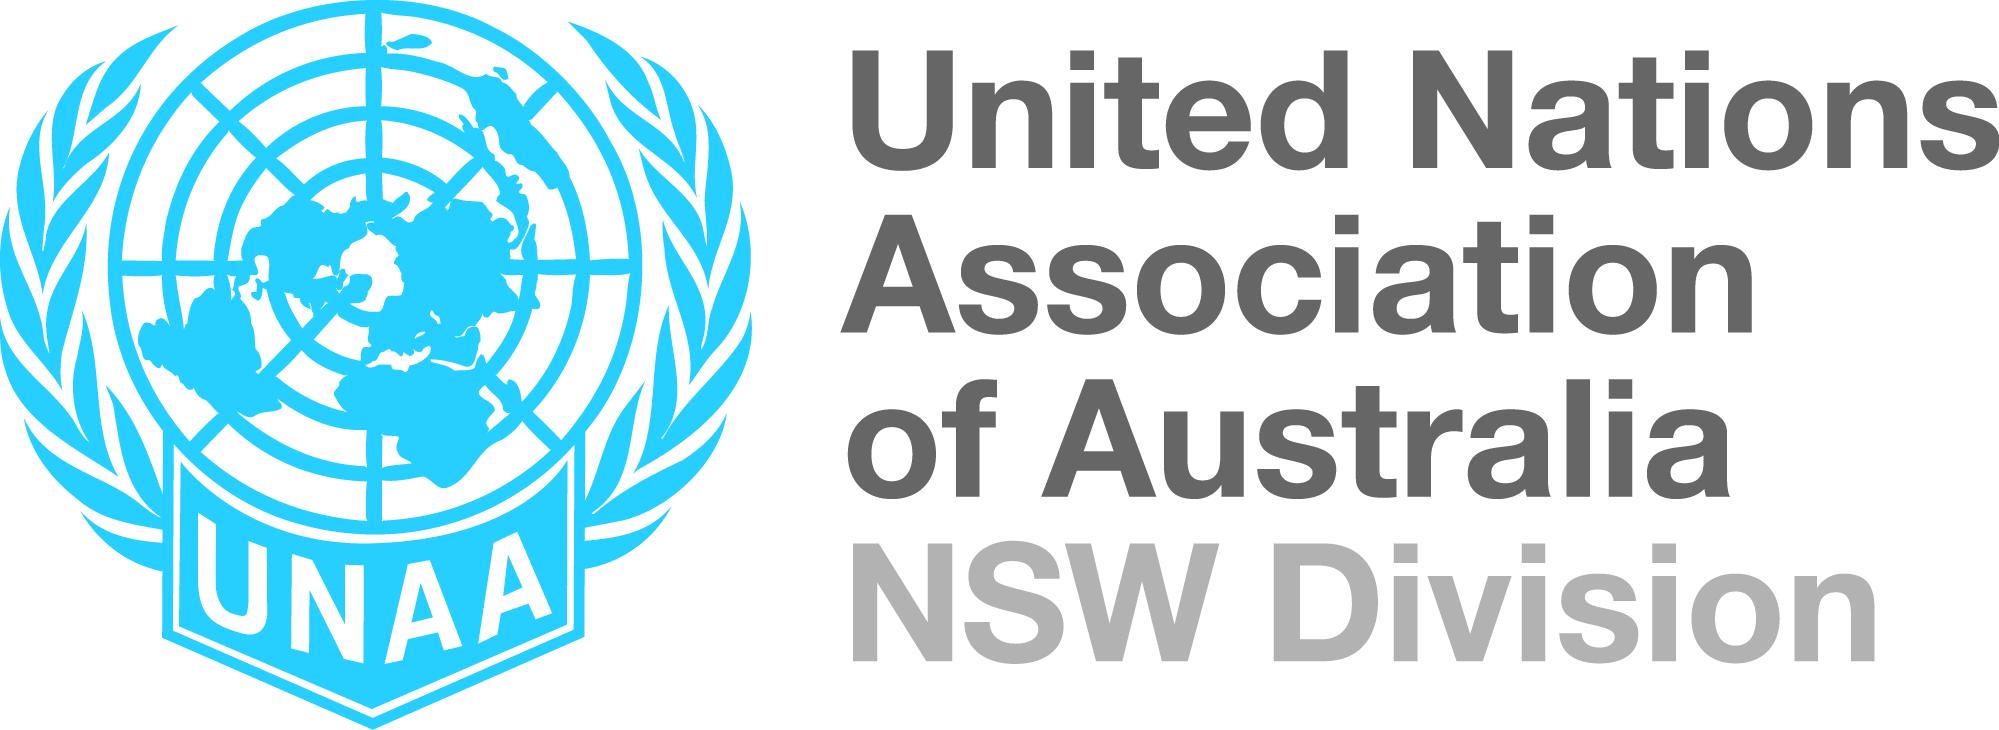 UNAA_NSW_logo